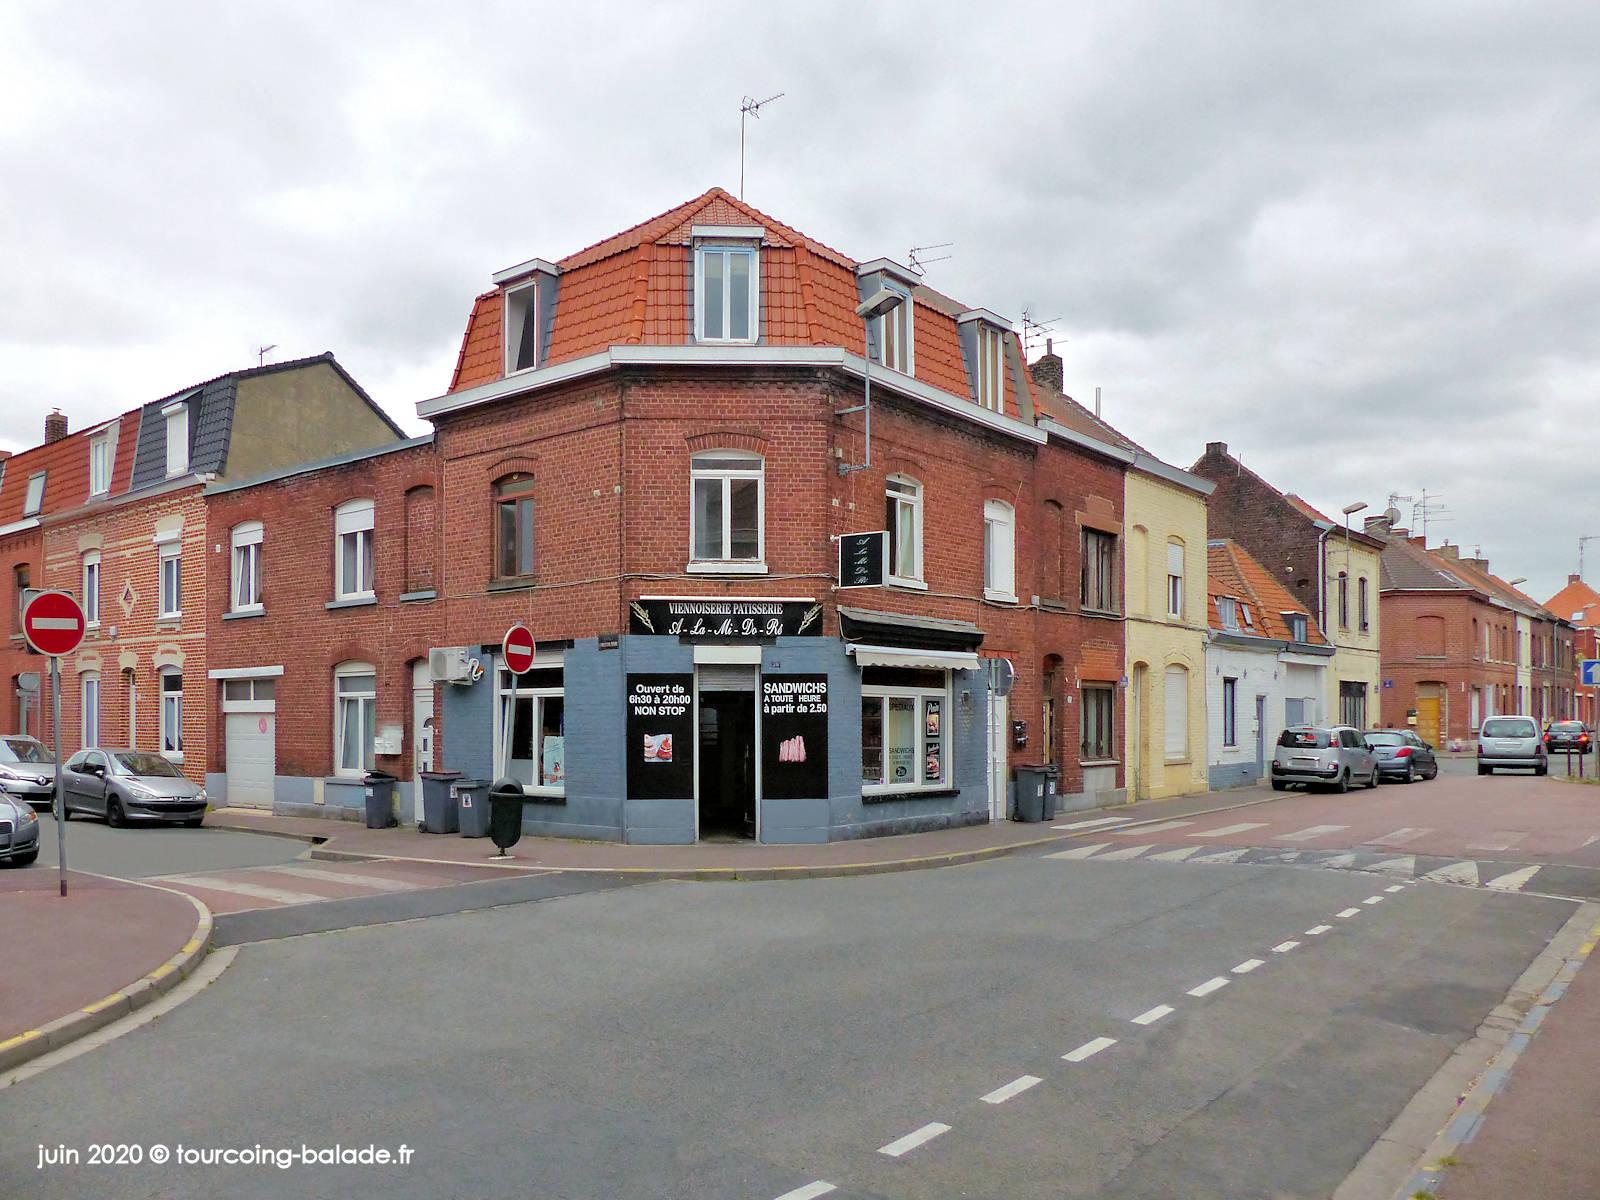 Rue de Roncq, Tourcoing 2020